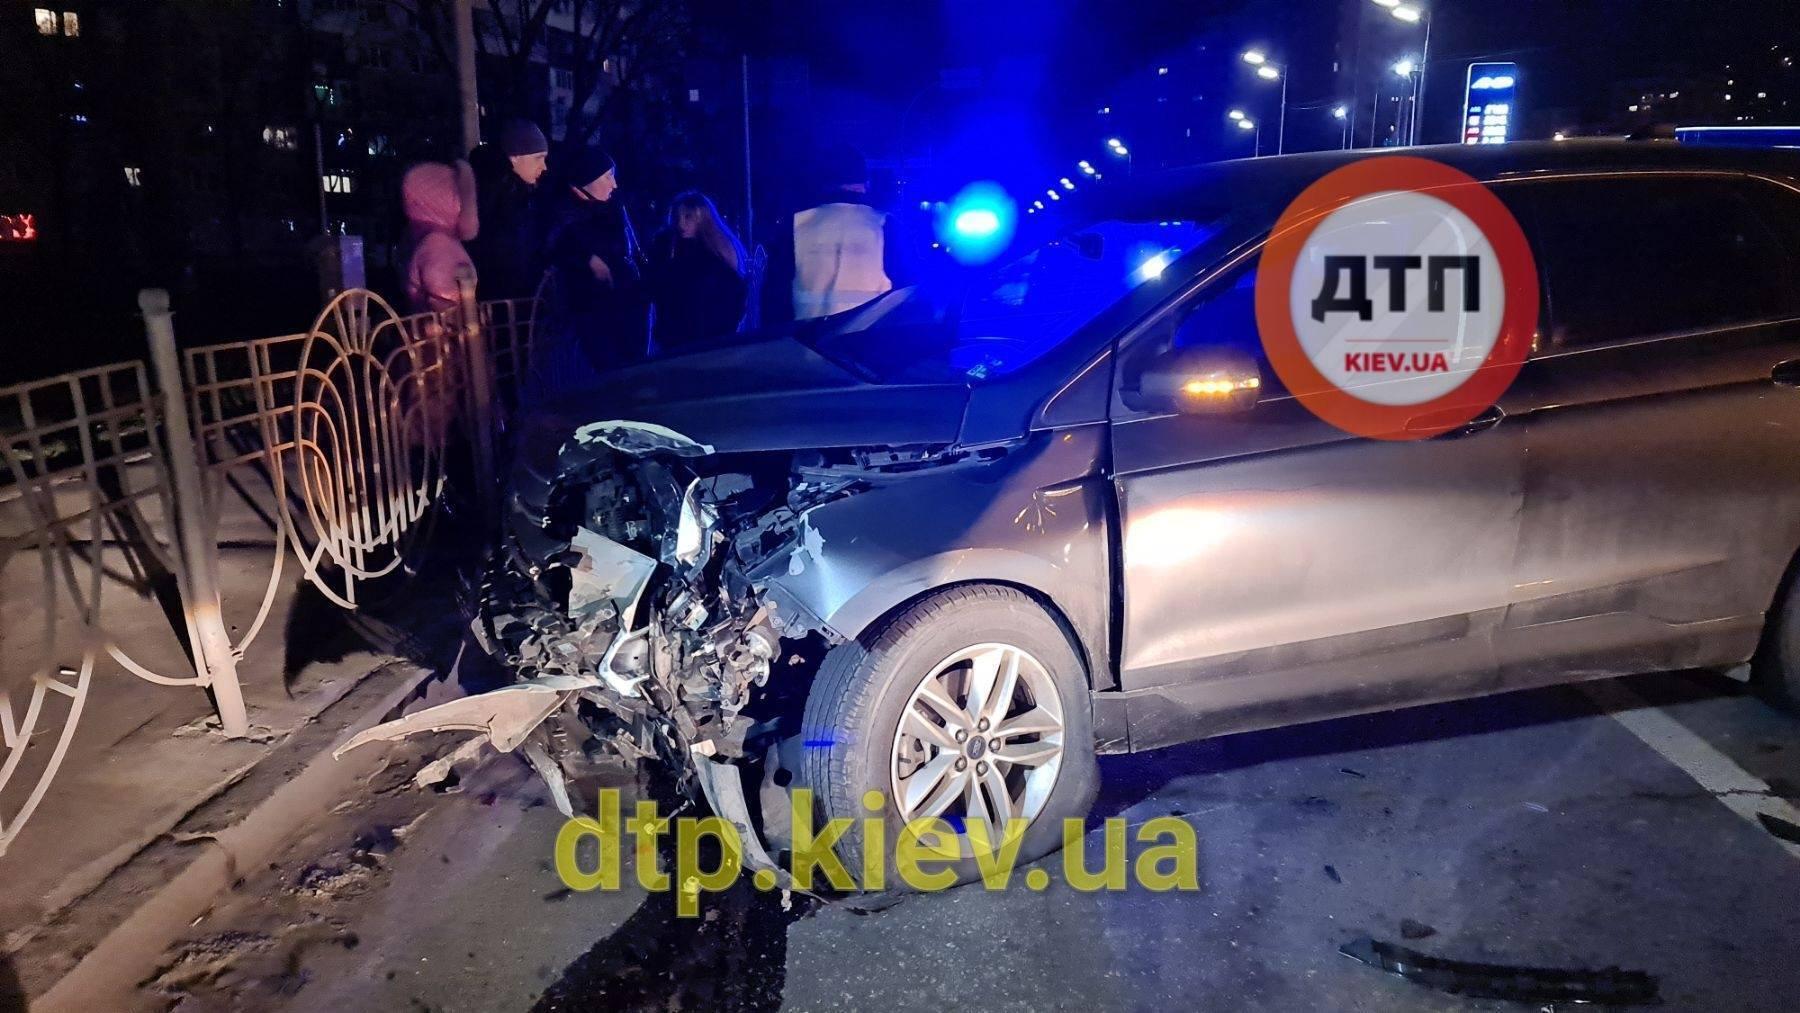 В Киеве пьяная девушка устроила ДТП с полицейским авто, пострадала правоохранитель – СМИ